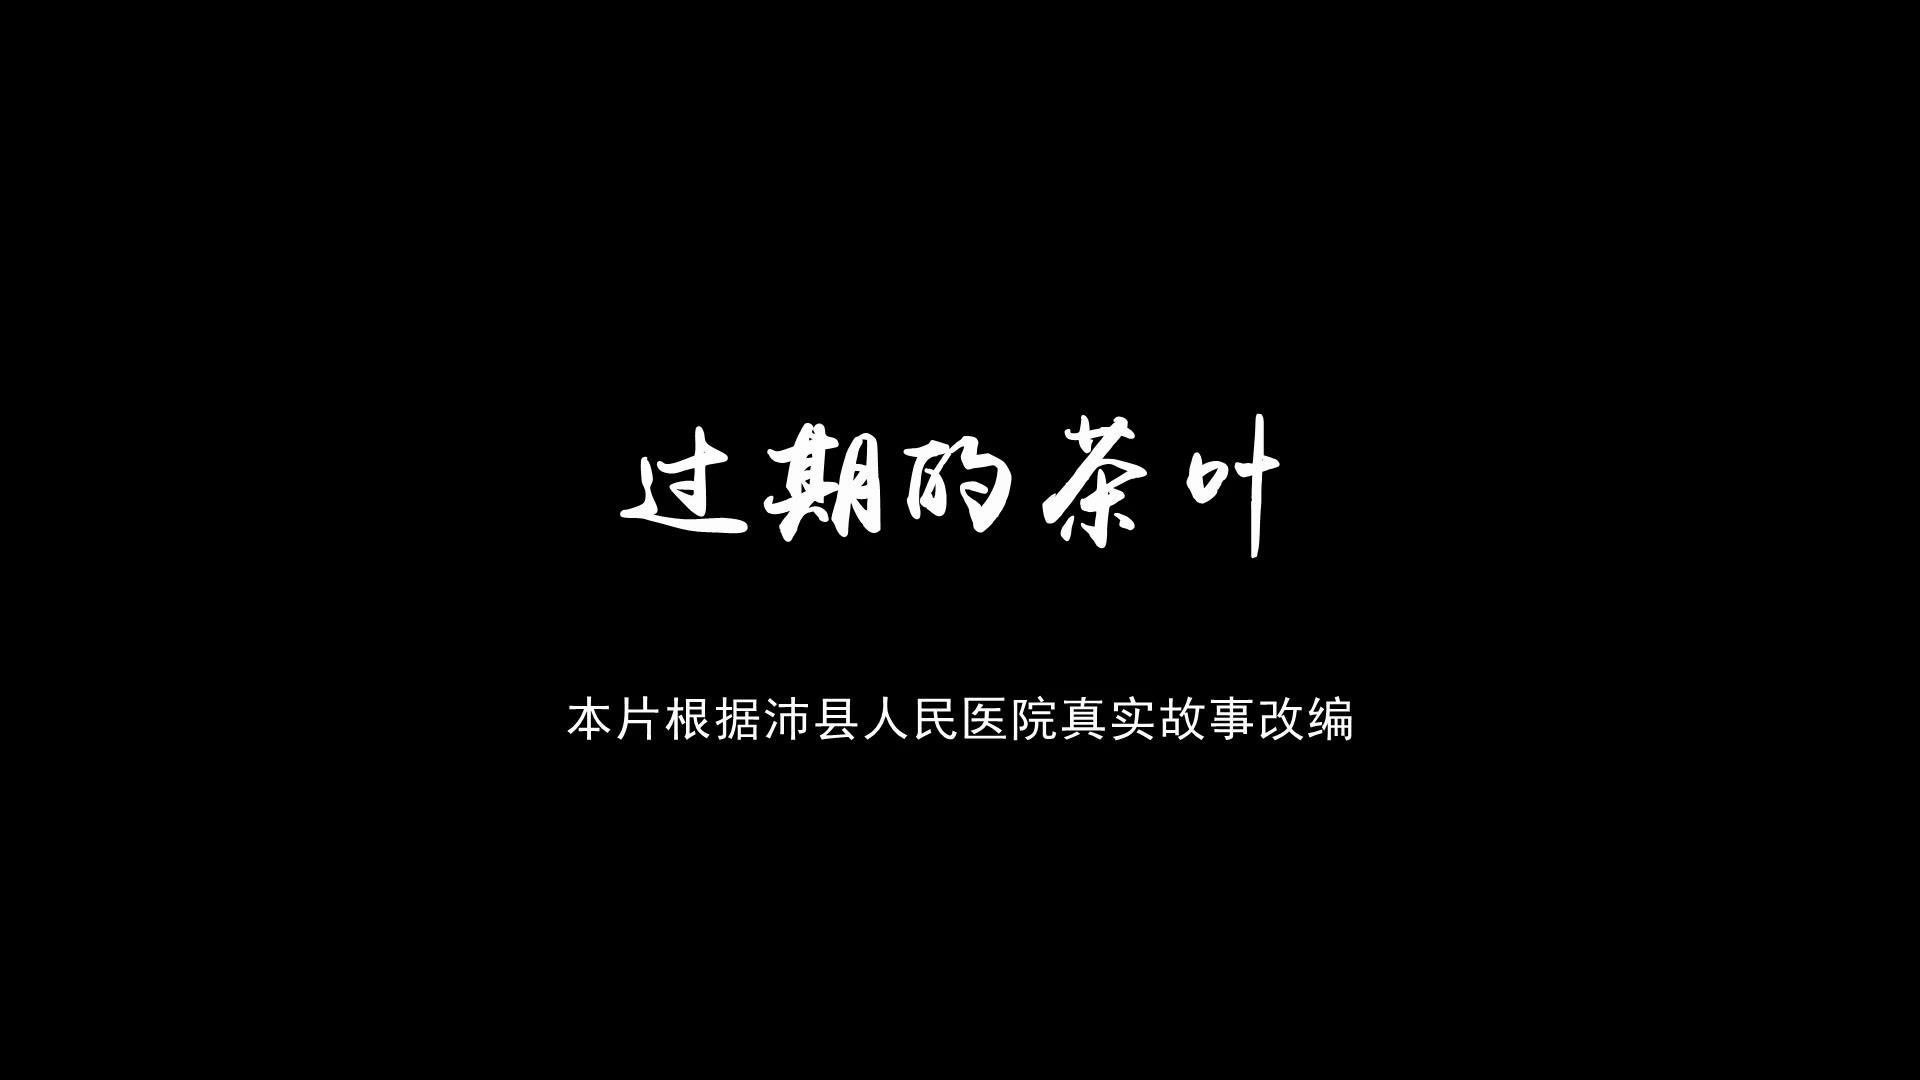 沛县人民医院微电影ゞ过期的茶叶〃[00_01_17][20190118-104510].jpg